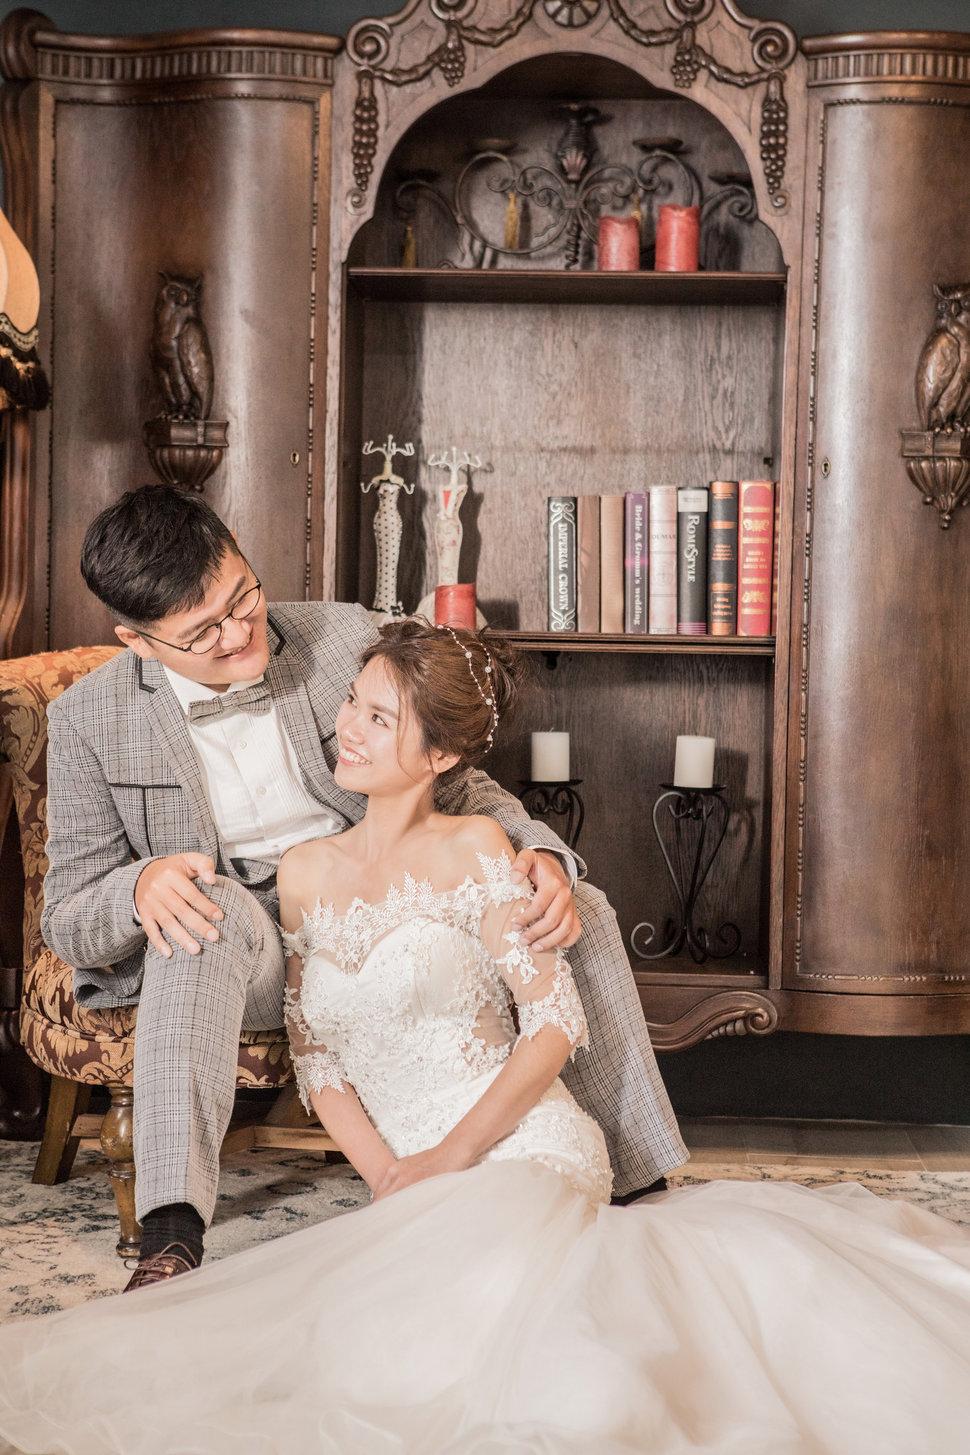 5G3A8064_調整大小 - 幸福浪漫婚紗工作室 韓式婚紗攝影《結婚吧》